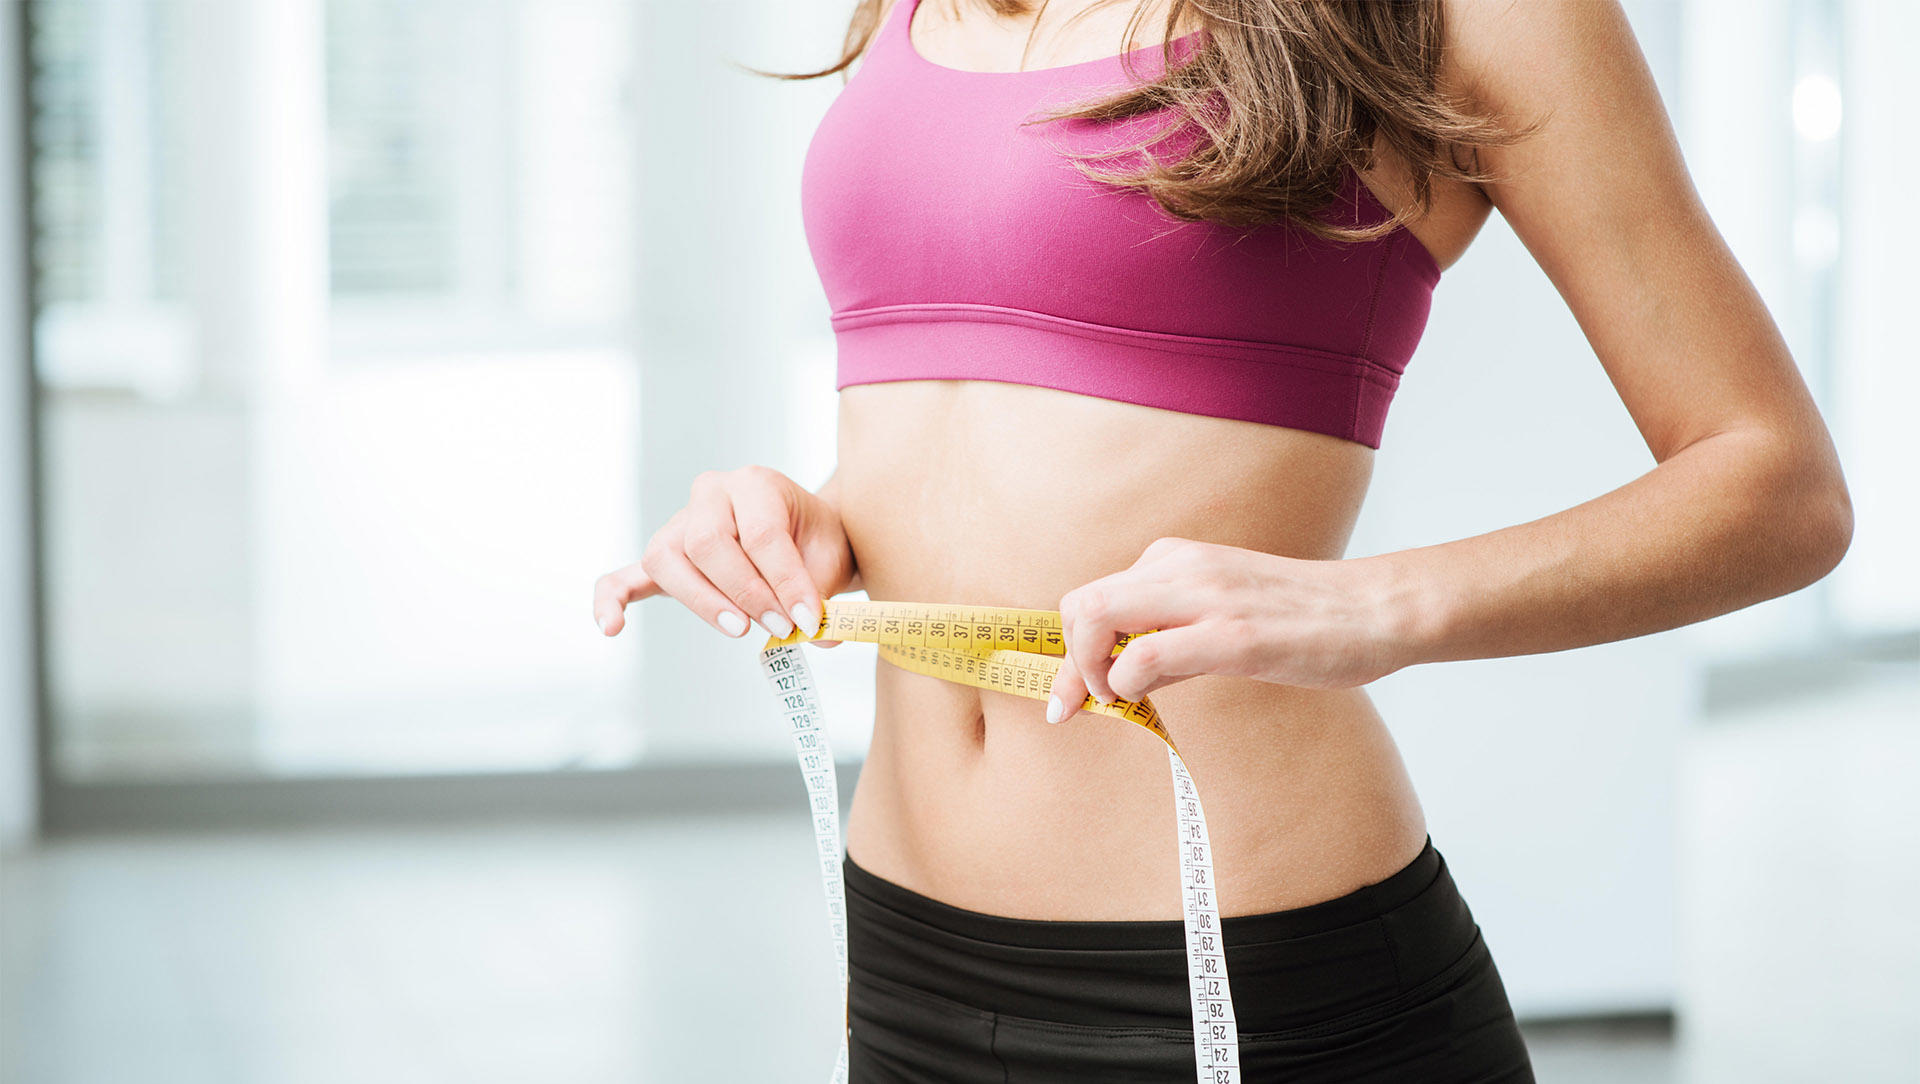 Способы Сбросить Лишней Вес. Как похудеть быстро и эффективно